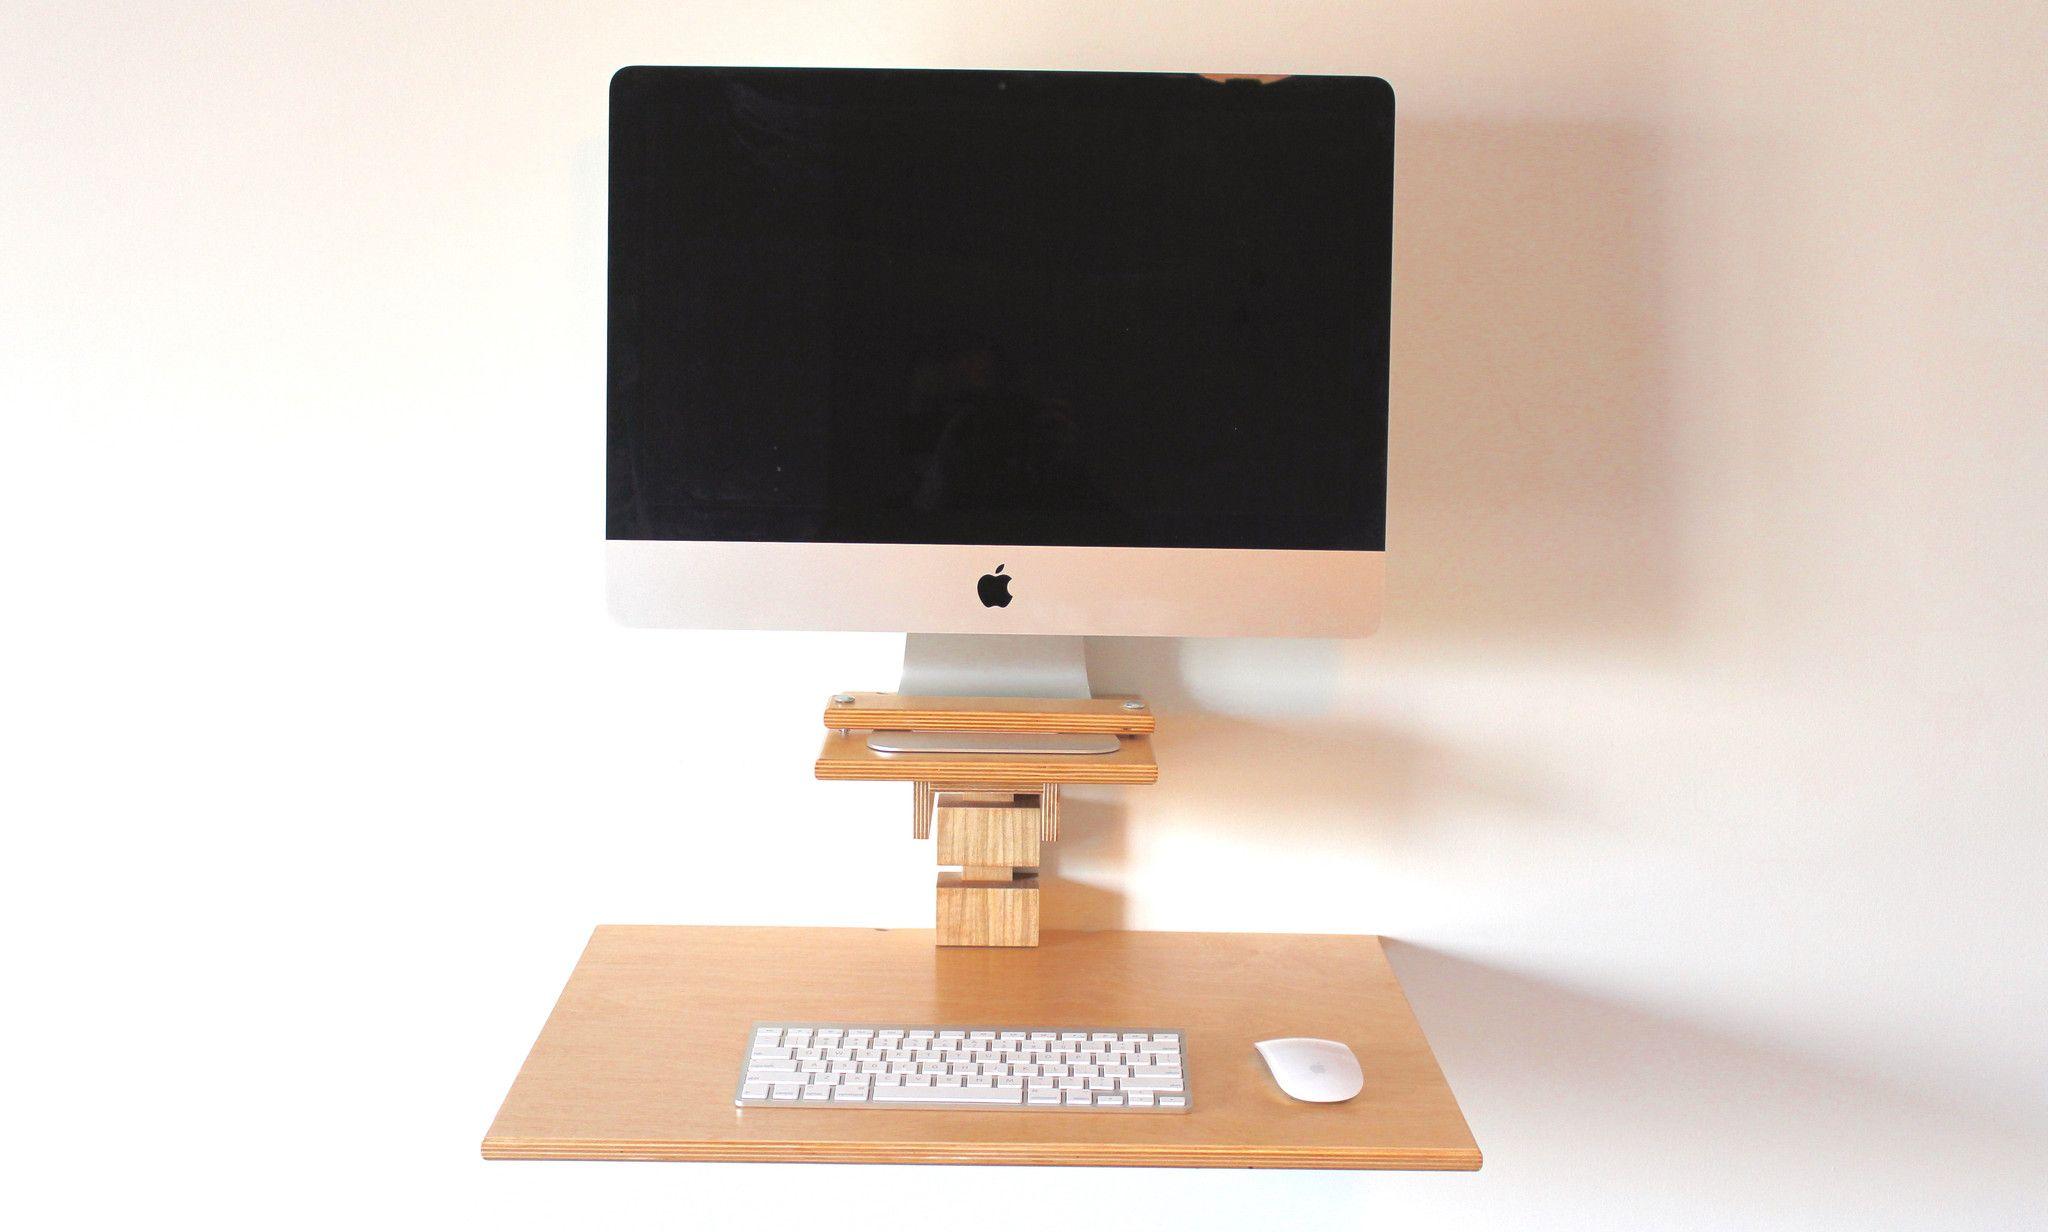 Wall Mounted Standing Desk Imac Model Imac Imac Desk Standing Desk